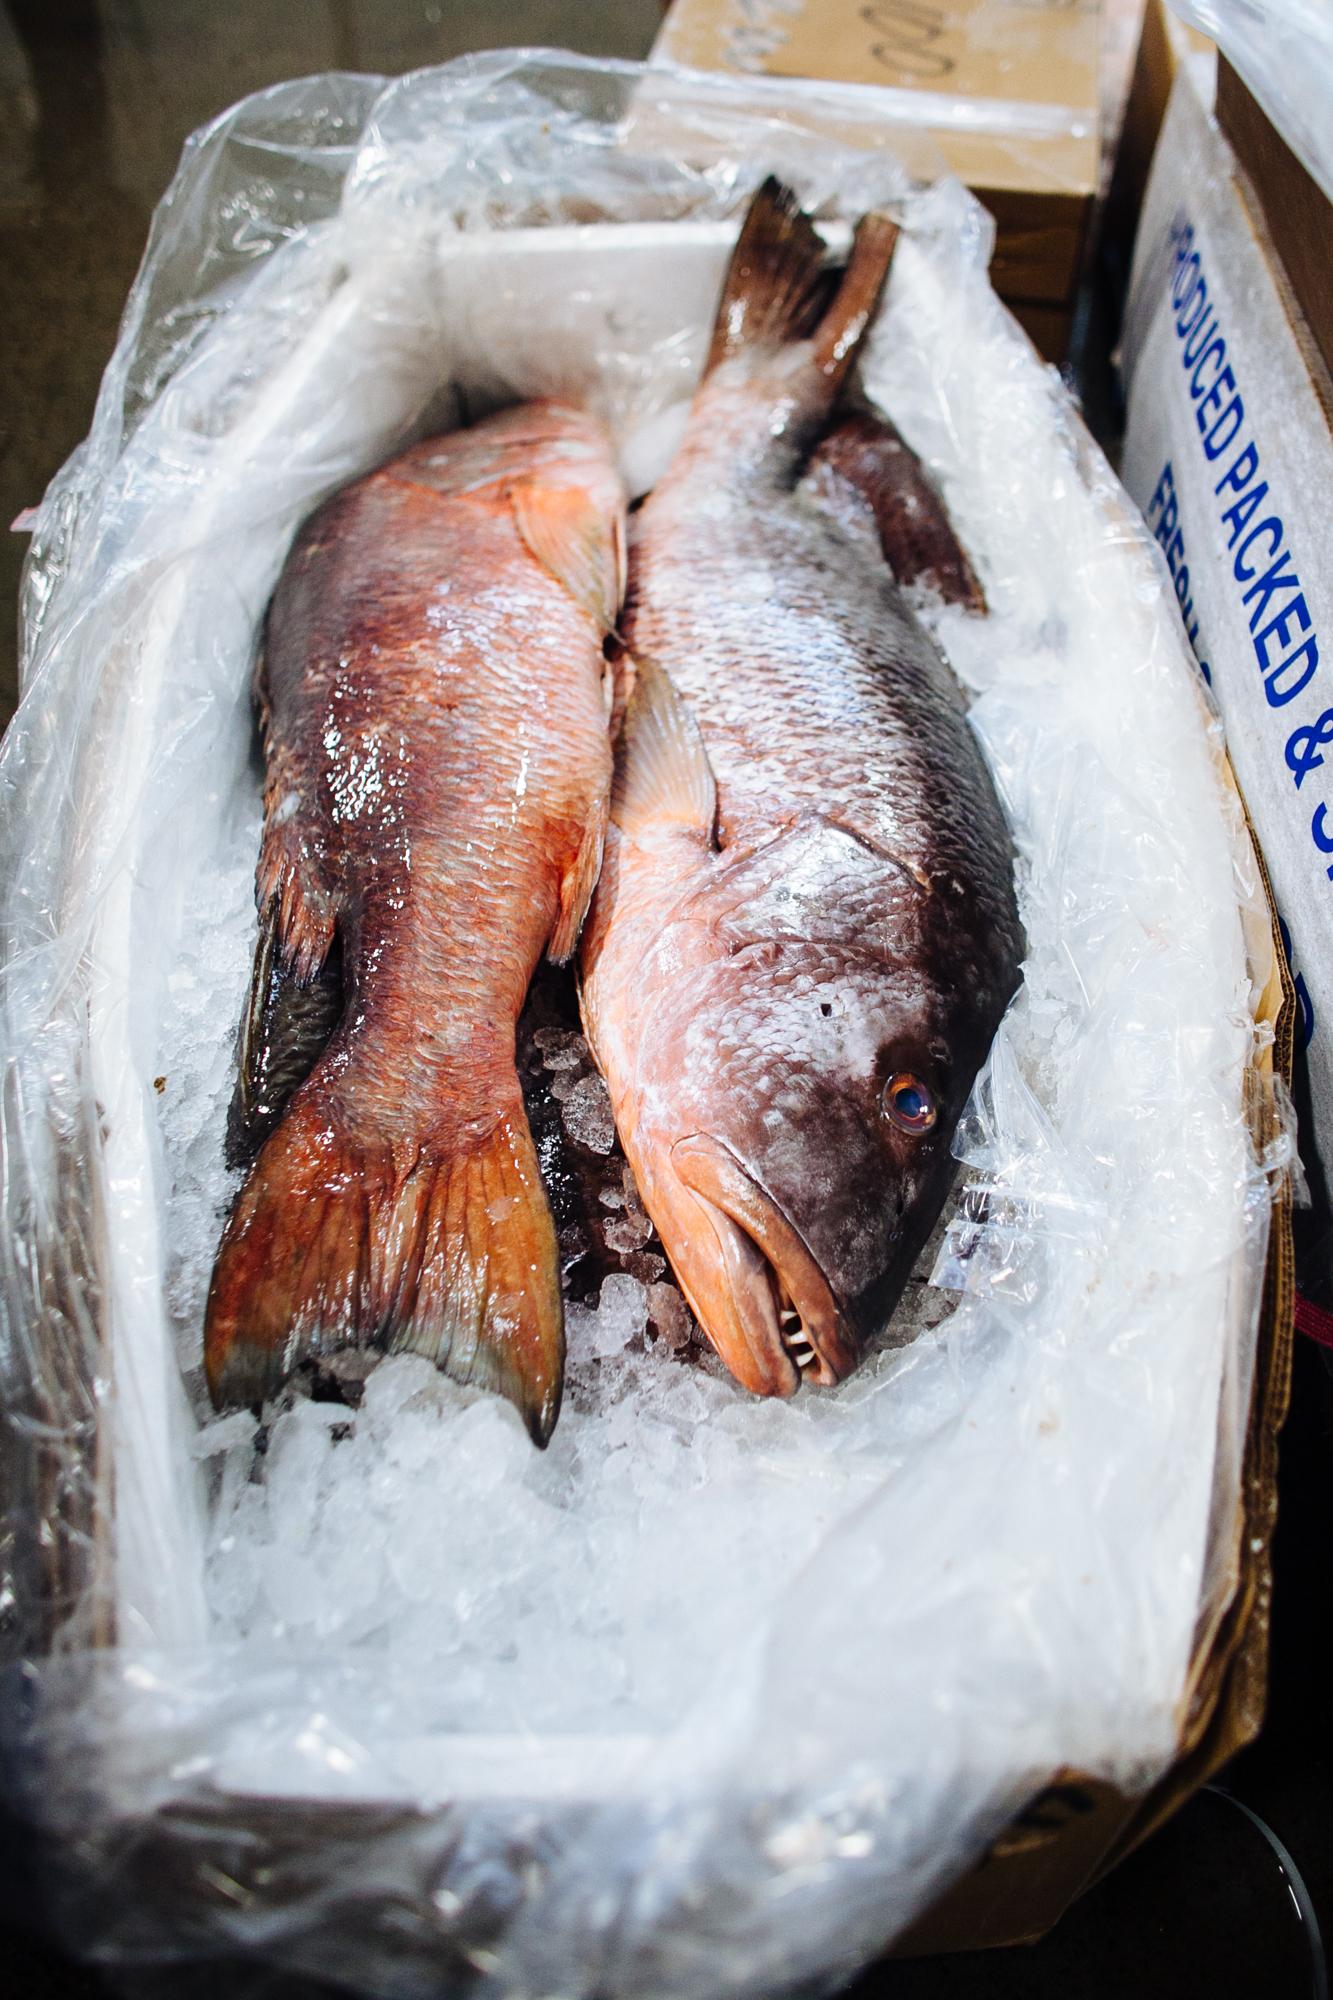 HeatherPhelpsLipton-Fish-HuntsPoint-FultonFishMarket-59.jpg